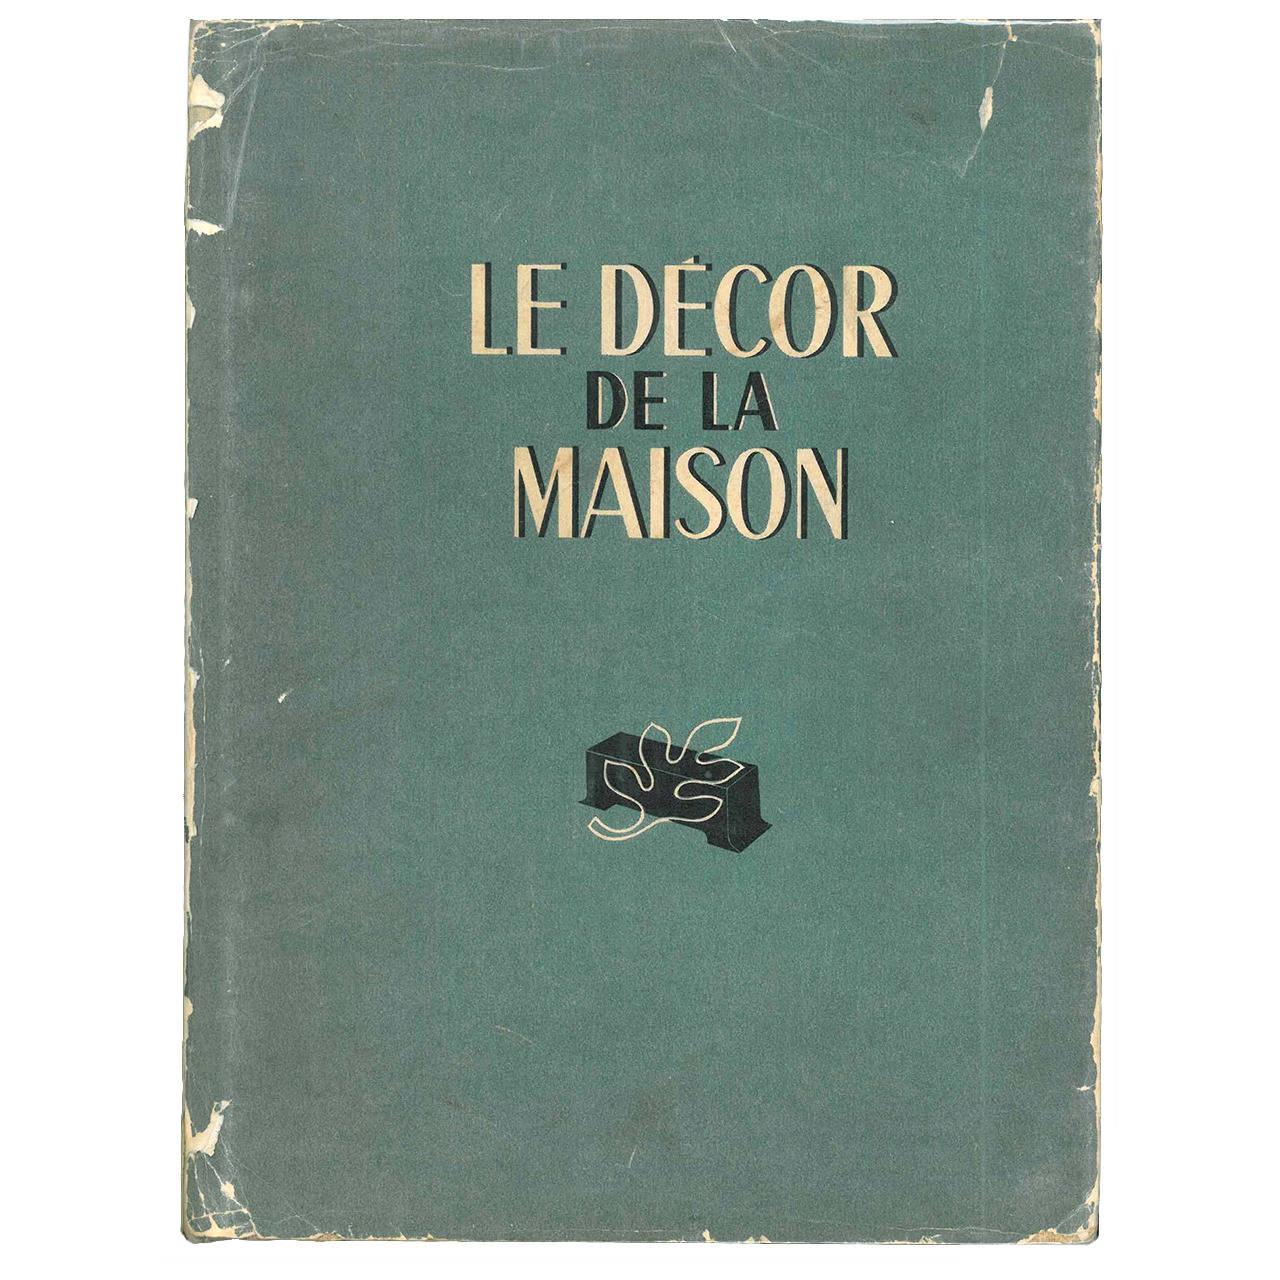 Le decor de la maison book 9 volumes for sale at 1stdibs for Les decores des maisons